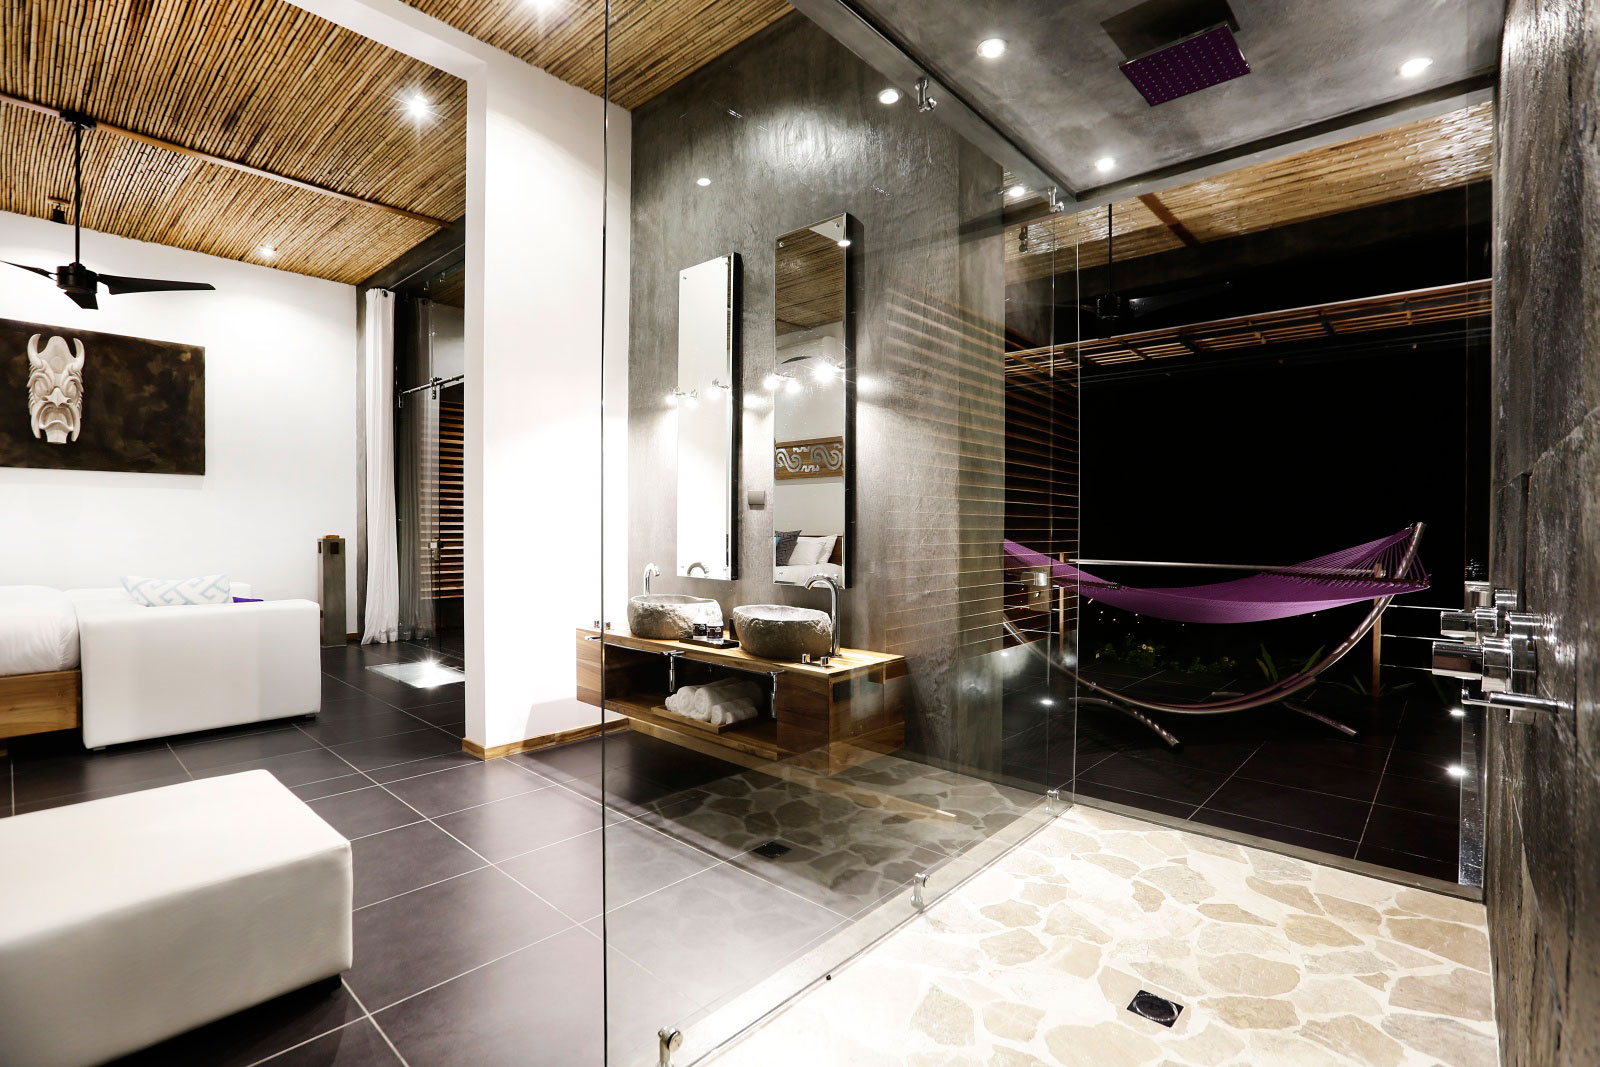 Shower, Holiday Villas in Costa Rica